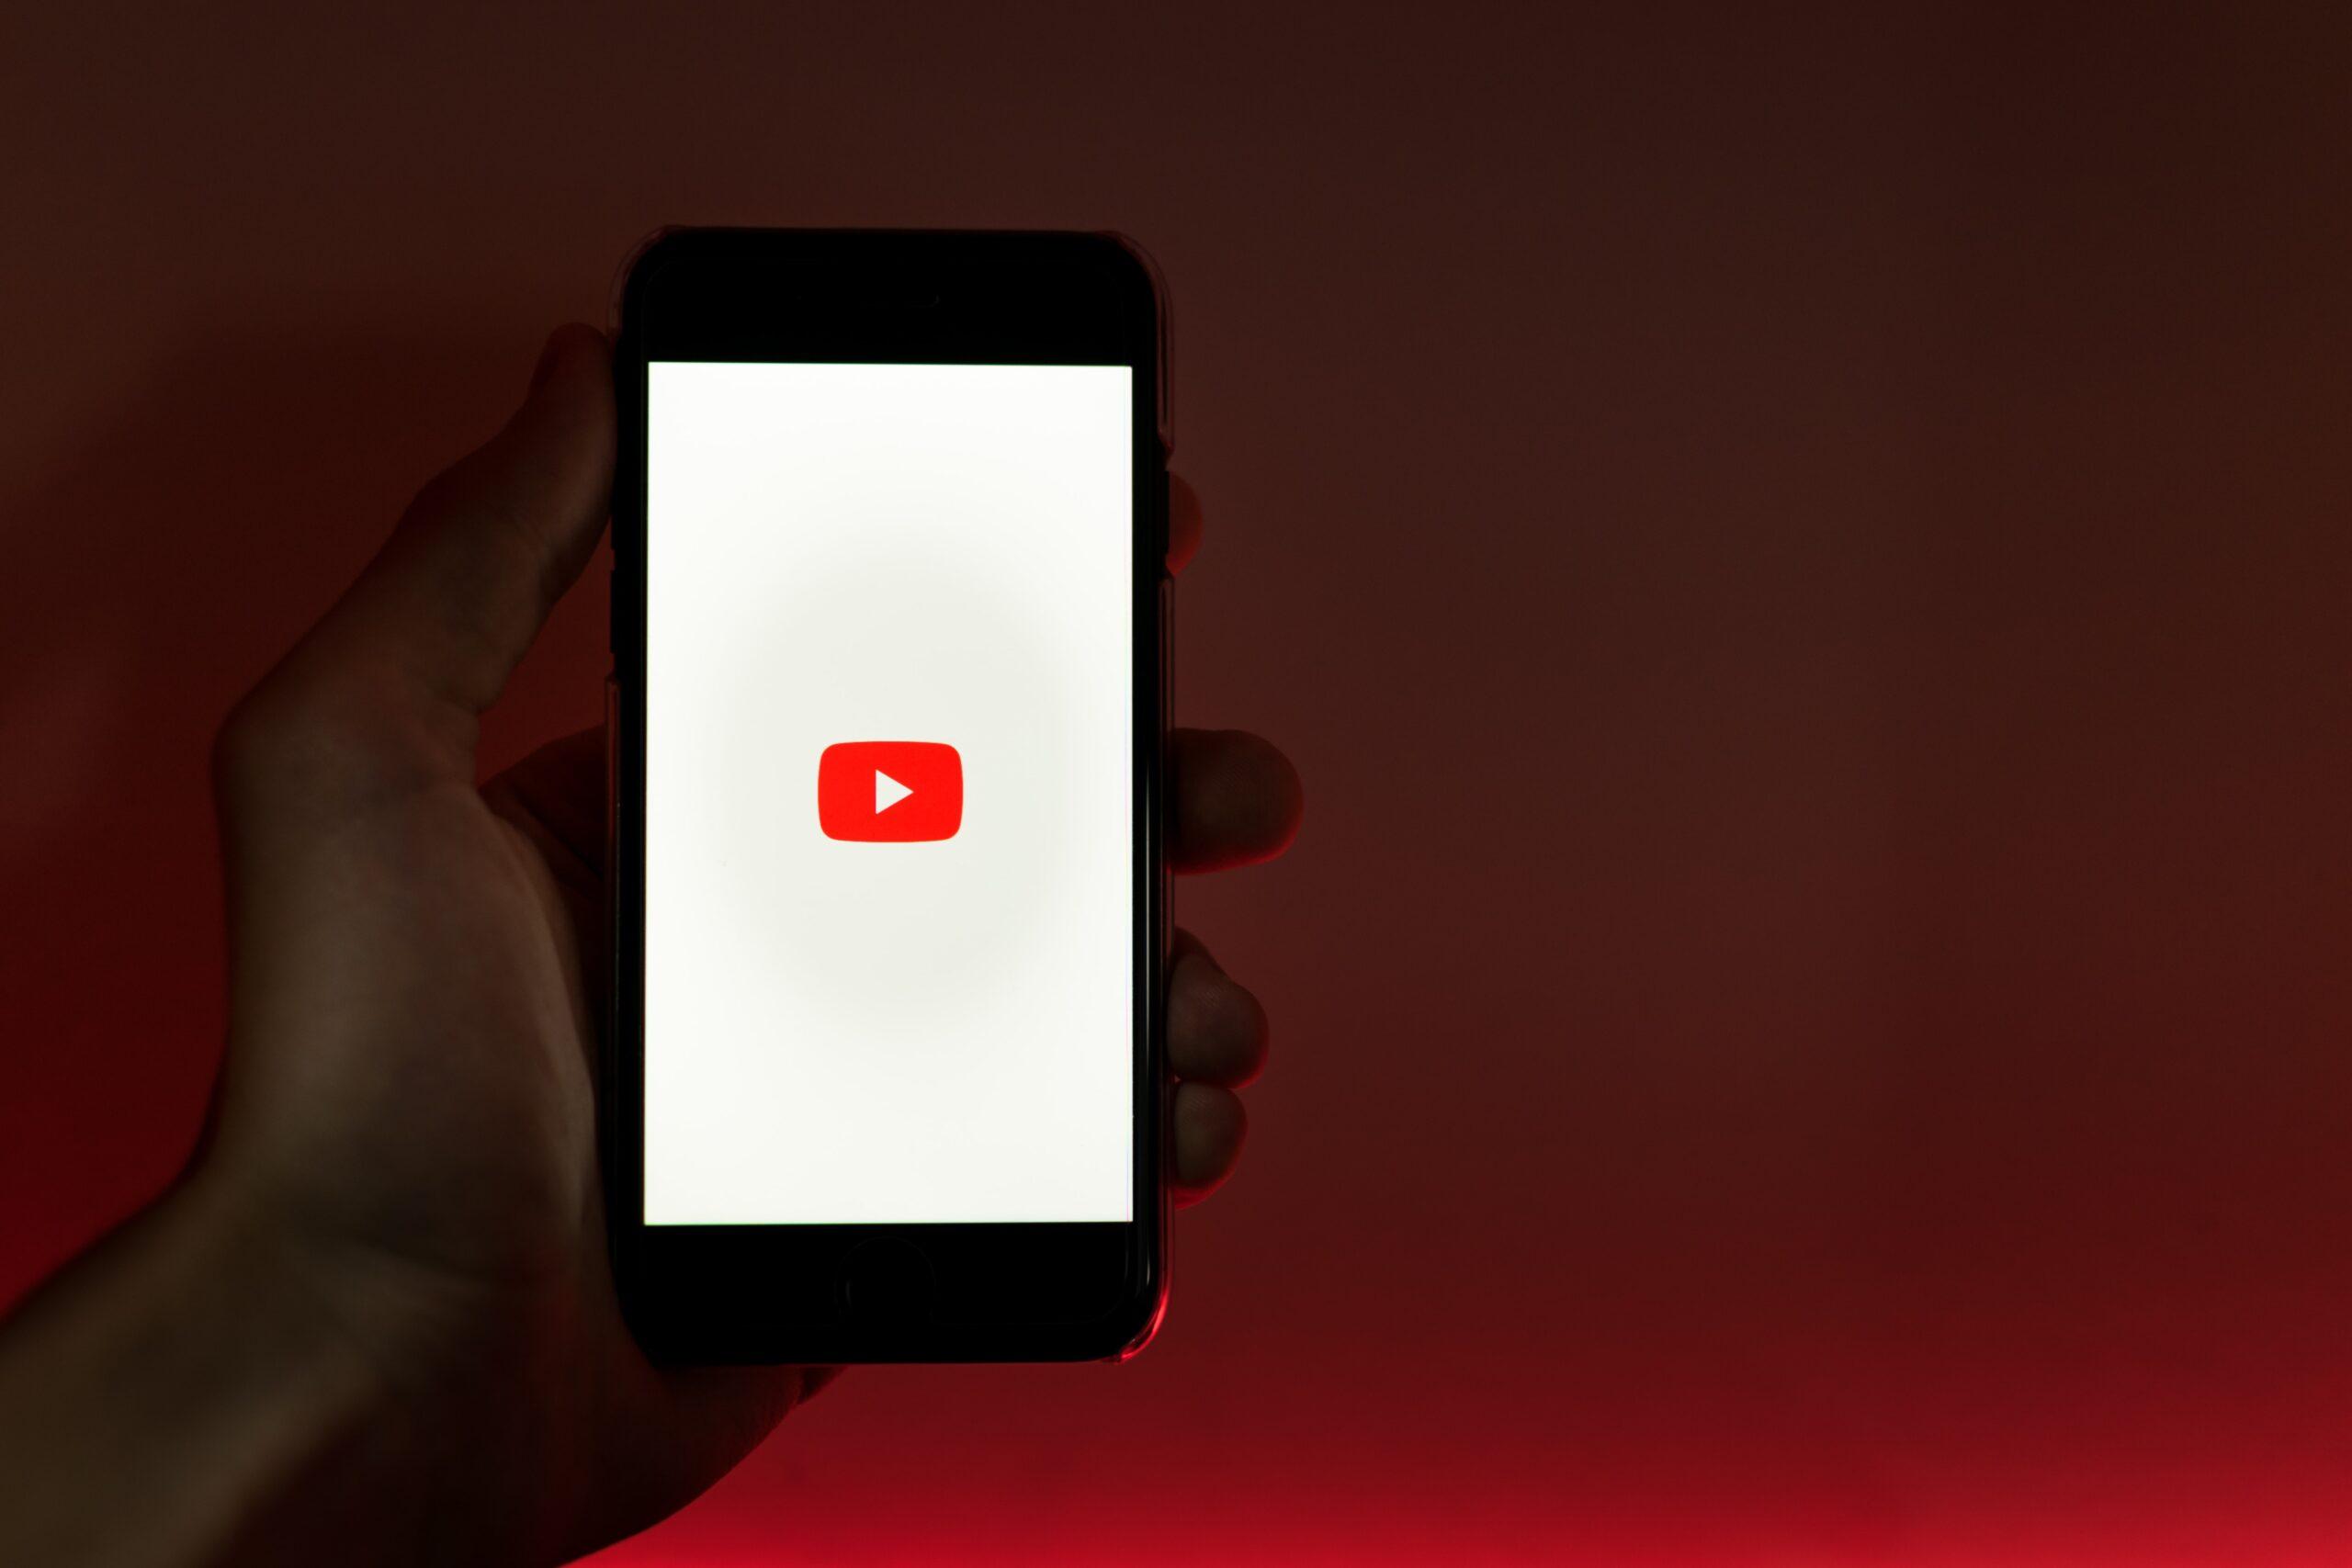 Pubblicazione su Youtube di video di pratiche estremamente pericolose e responsabilità per la successiva morte di terzi